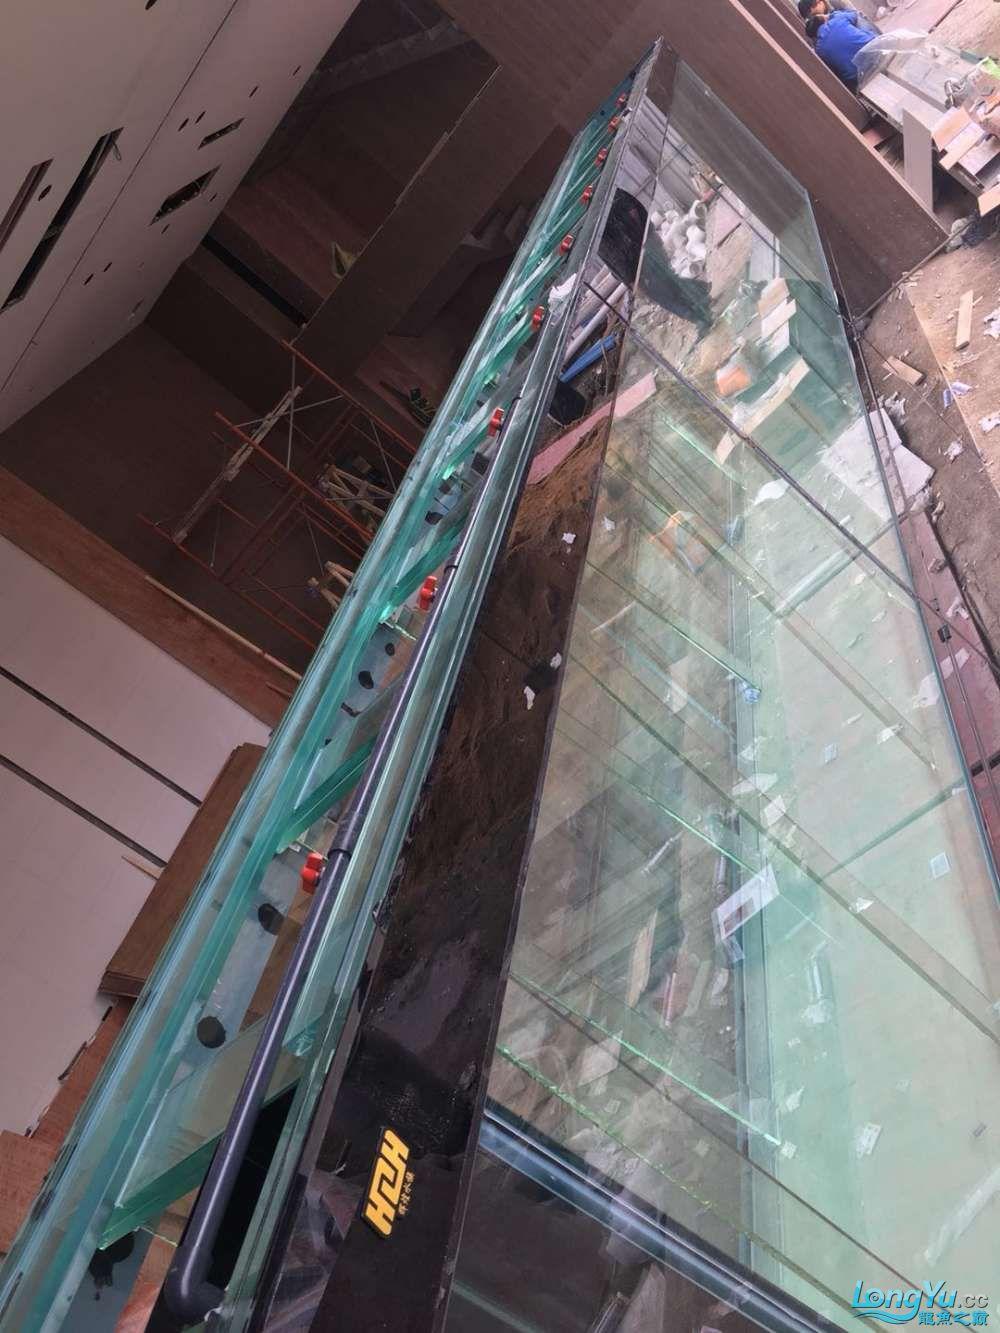 延安鱼缸水族箱批发辉煌水族7米鱼缸上缸1300现场制作过程多图慎完工 延安观赏鱼 延安龙鱼第85张